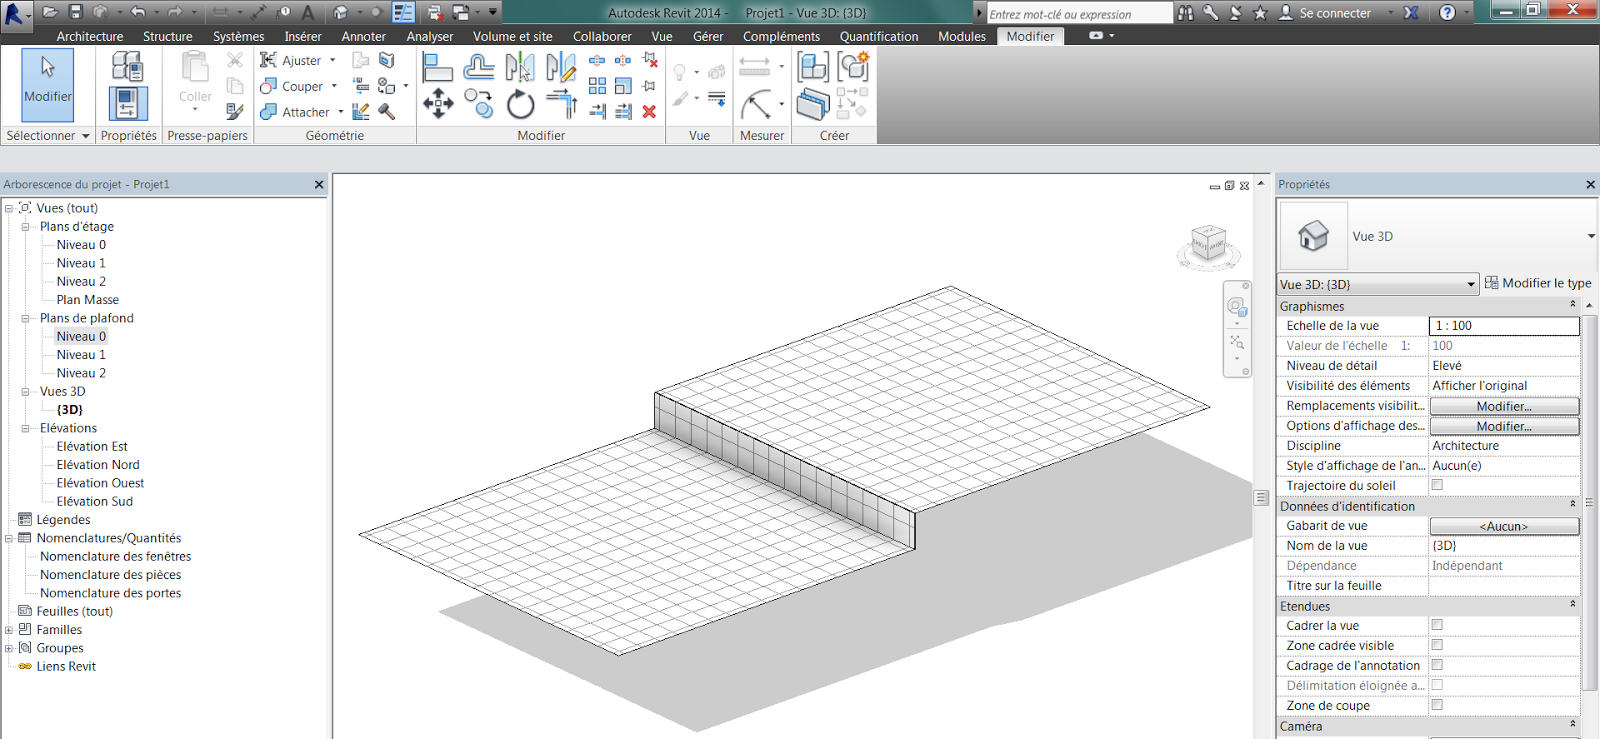 revit m mo revit 2014 remont e de plafond verticale. Black Bedroom Furniture Sets. Home Design Ideas